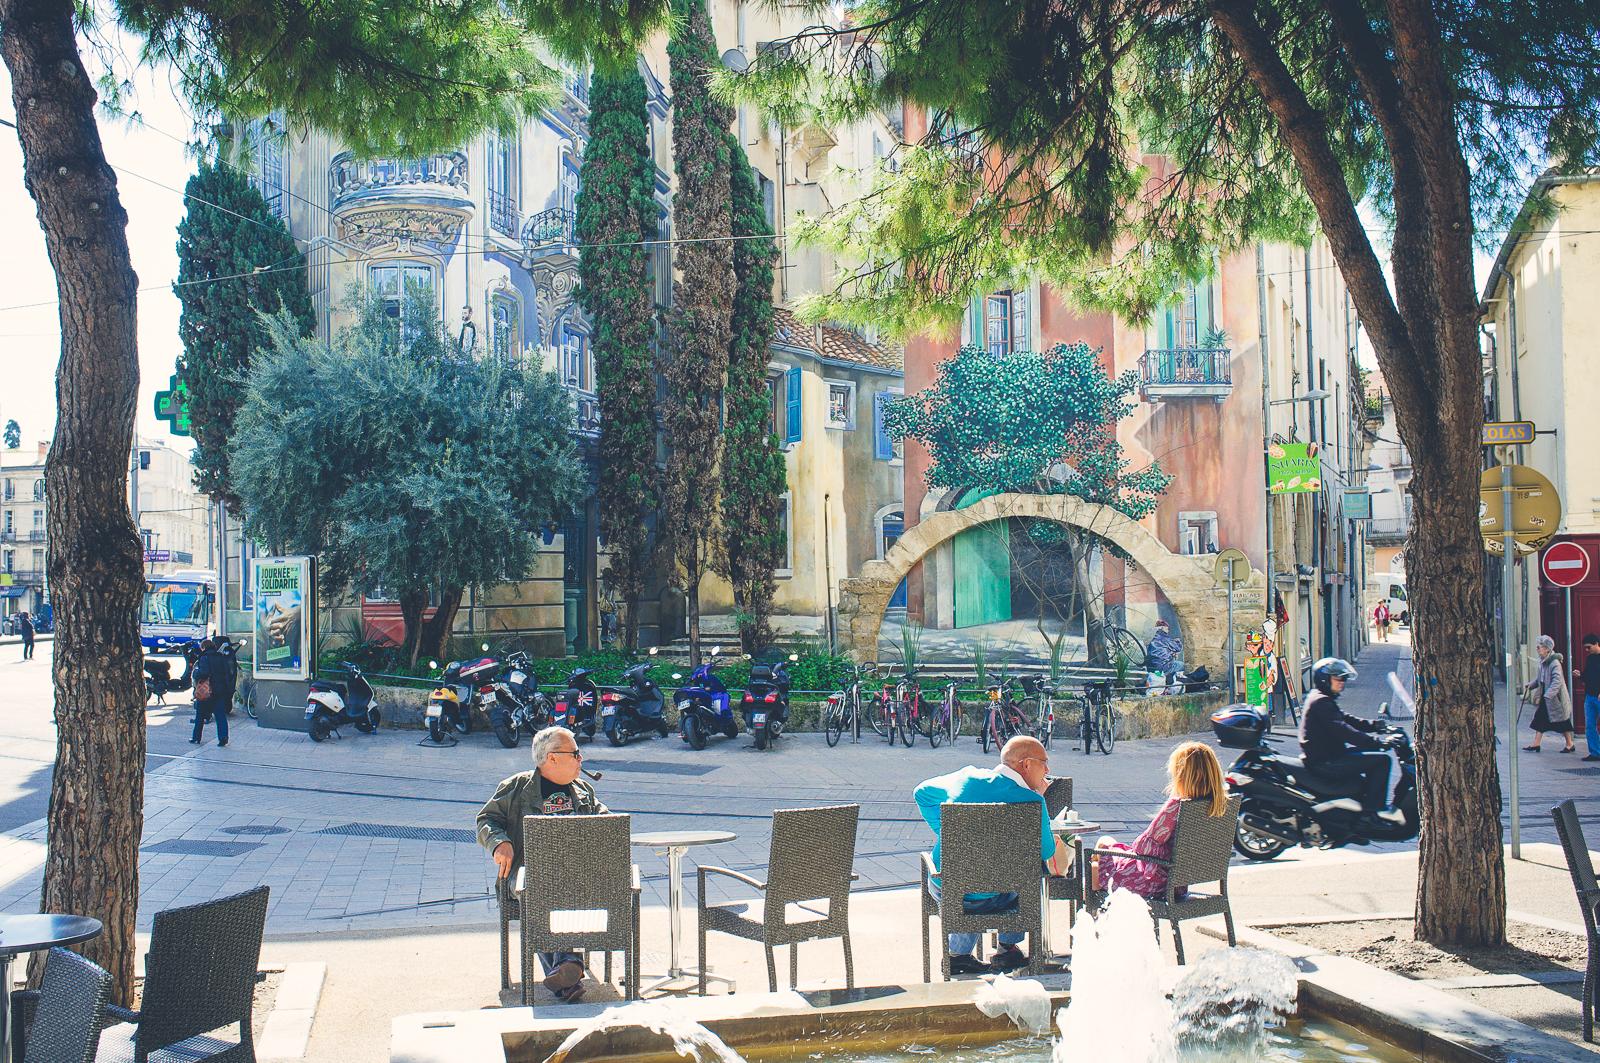 Trompe l'oeil wall painting (Place Alexandre Laissac)